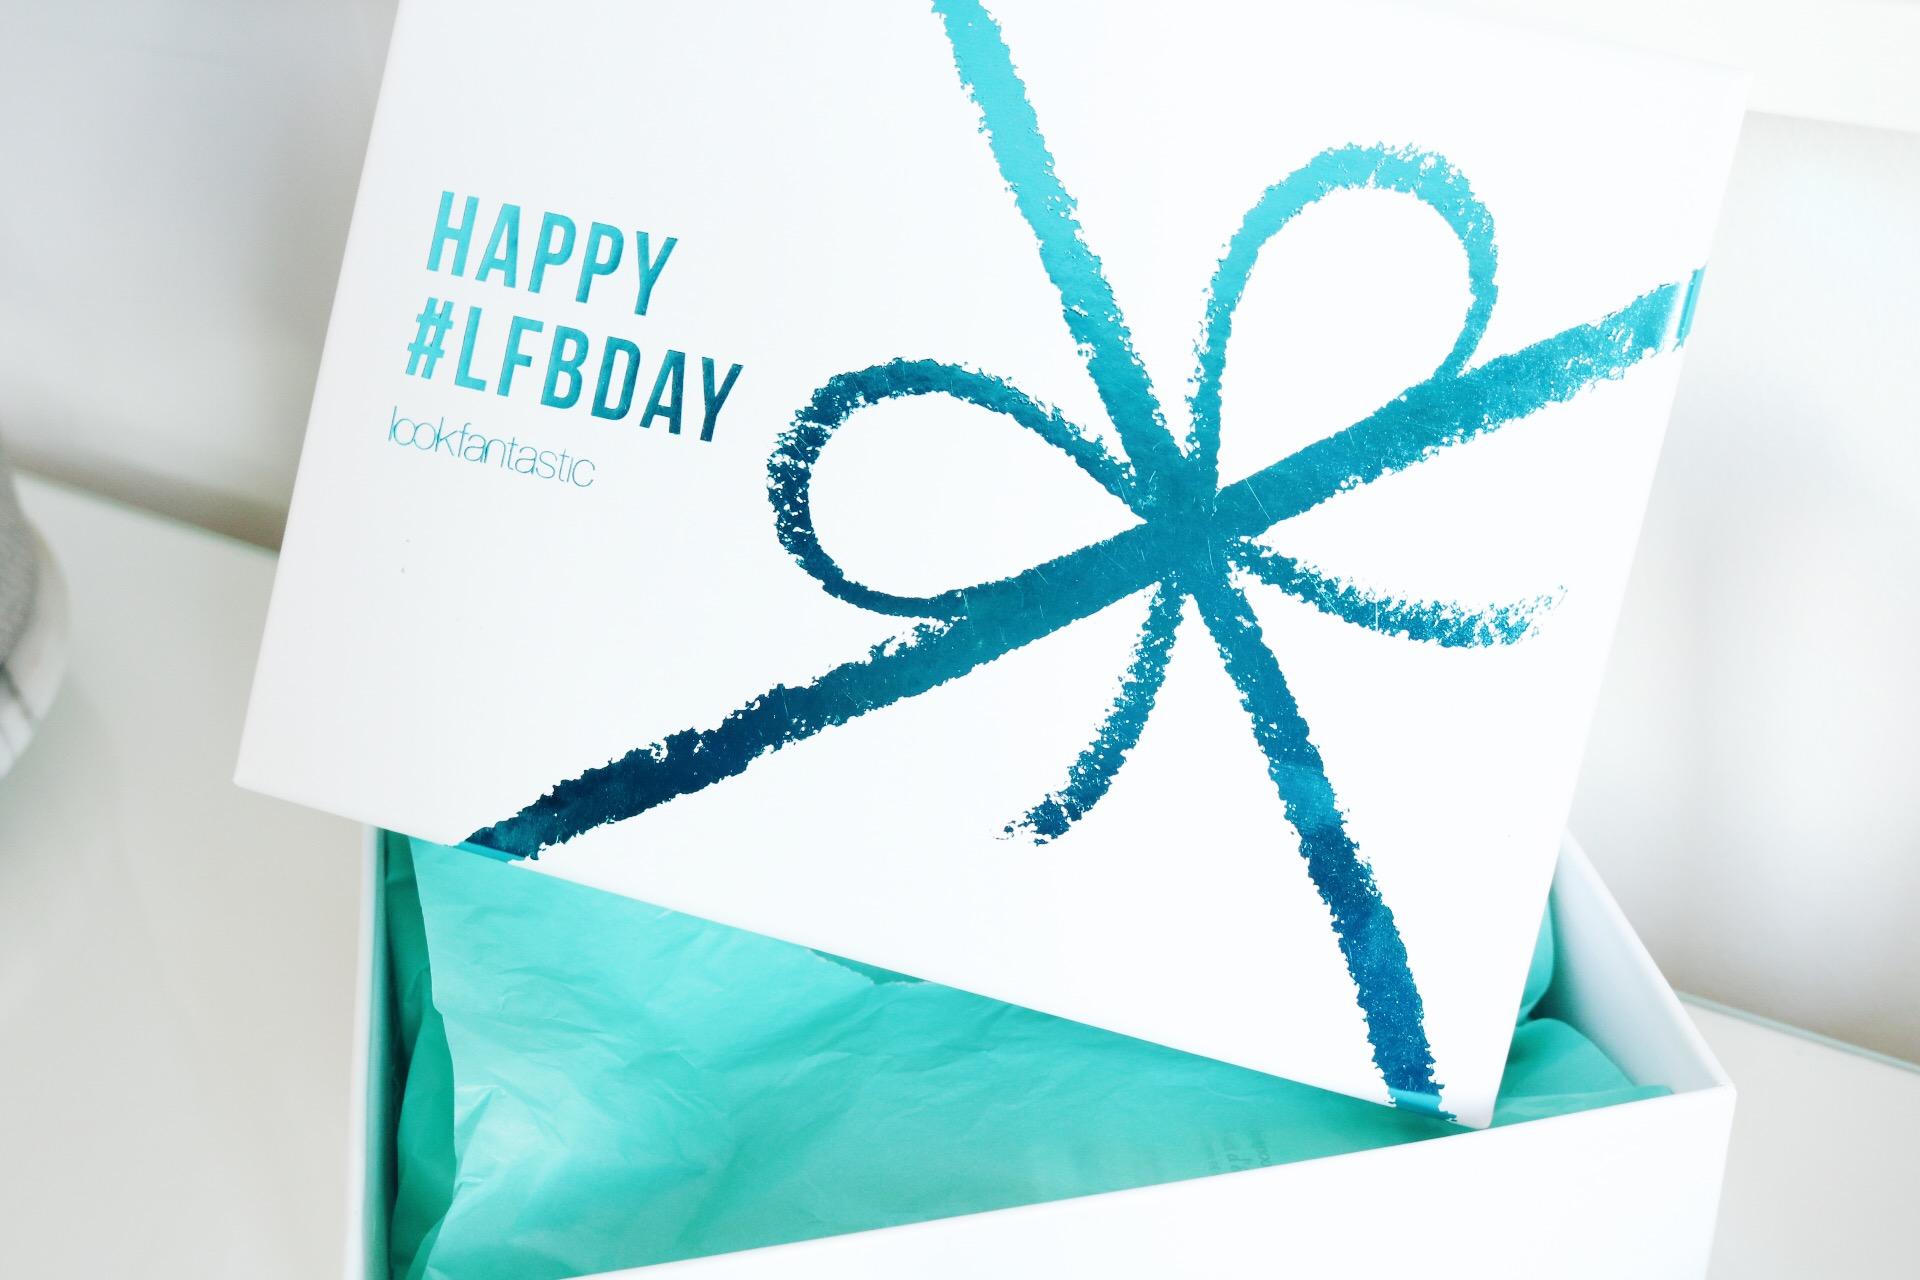 Lookfantastic September Beauty Box, amandhans, skönhetsblogg, beautyblogg, test, samarbete, pressutskick, bareMinerals, Bliss, prenumerationsbox, prenumerationstjänst, skönhet, hudvård, hårvård, makeup, smink